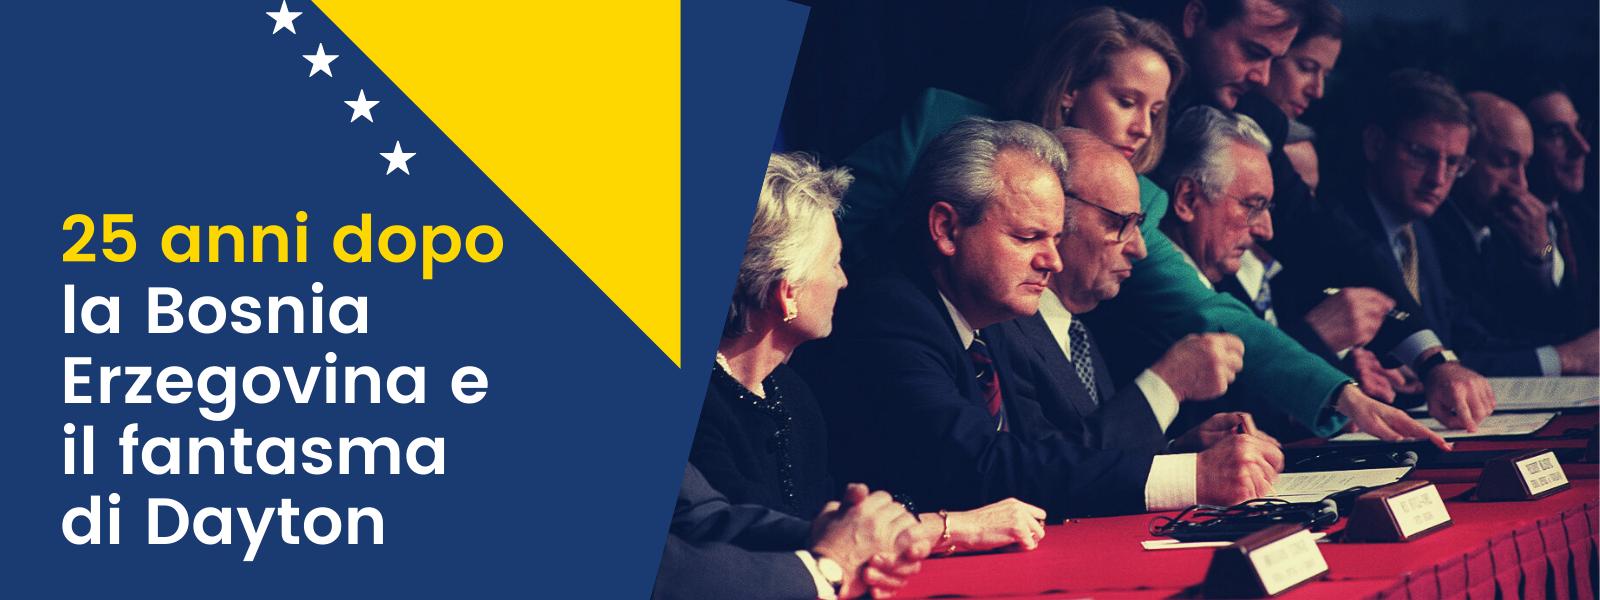 25 anni dal trattato di Dayton. La firma dei presidenti Slobodan Milosevic, Alija Izetbegovic e Franjo Tudjman